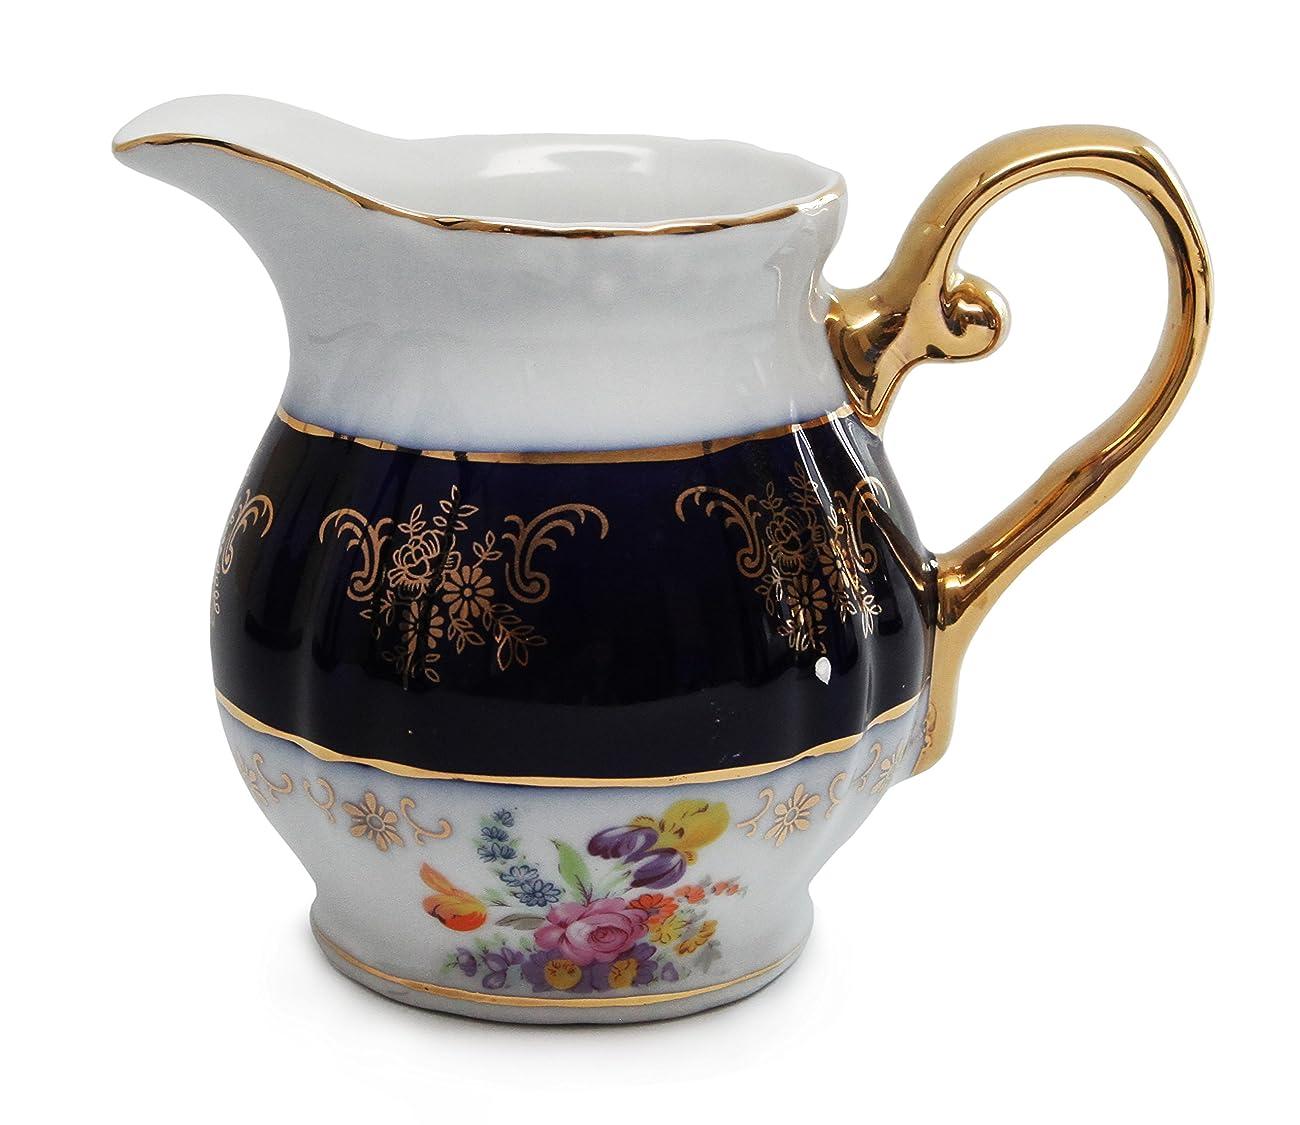 Royal Porcelain 17pc Flower-Patterned Dark Blue Tea Set, 24K Gold-Plated Original Cobalt Tableware, Service for 6 4